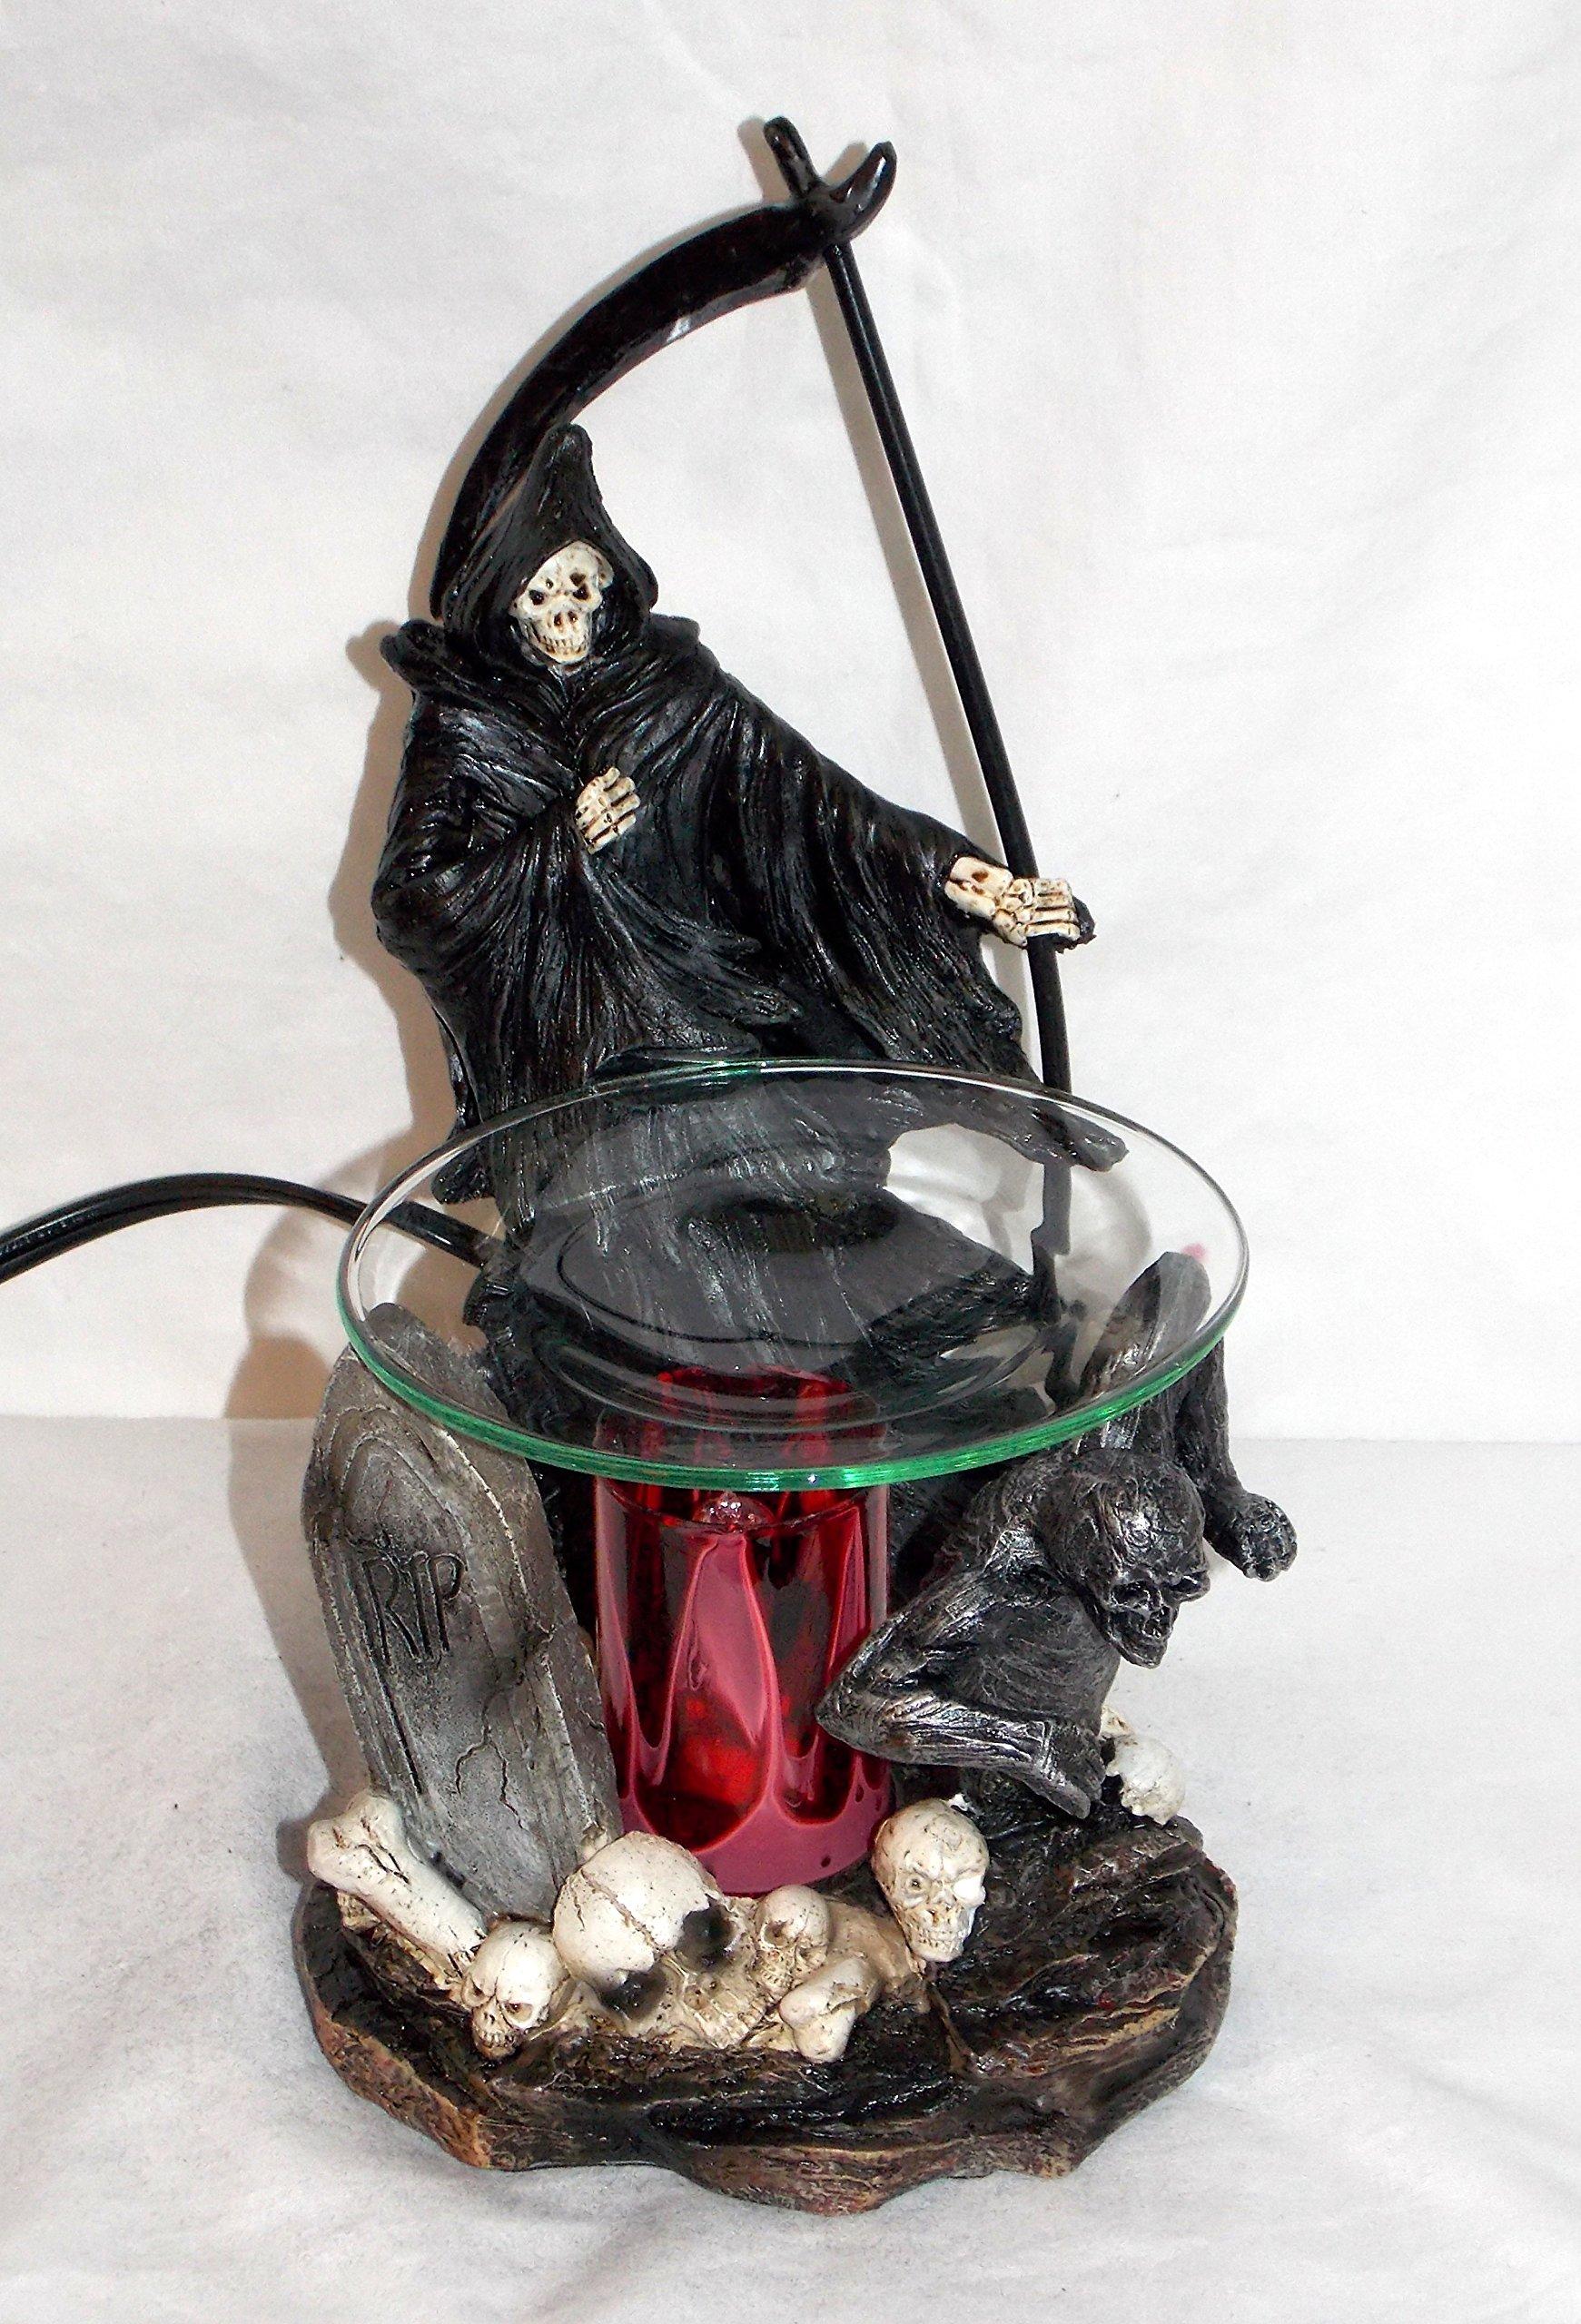 New Grim Reaper In Skull Graveyard Fragrance Oil Burner Tart Warmer With Dimmer by Grim Reaper in Graveyard Oil Burner Warmer (Image #2)